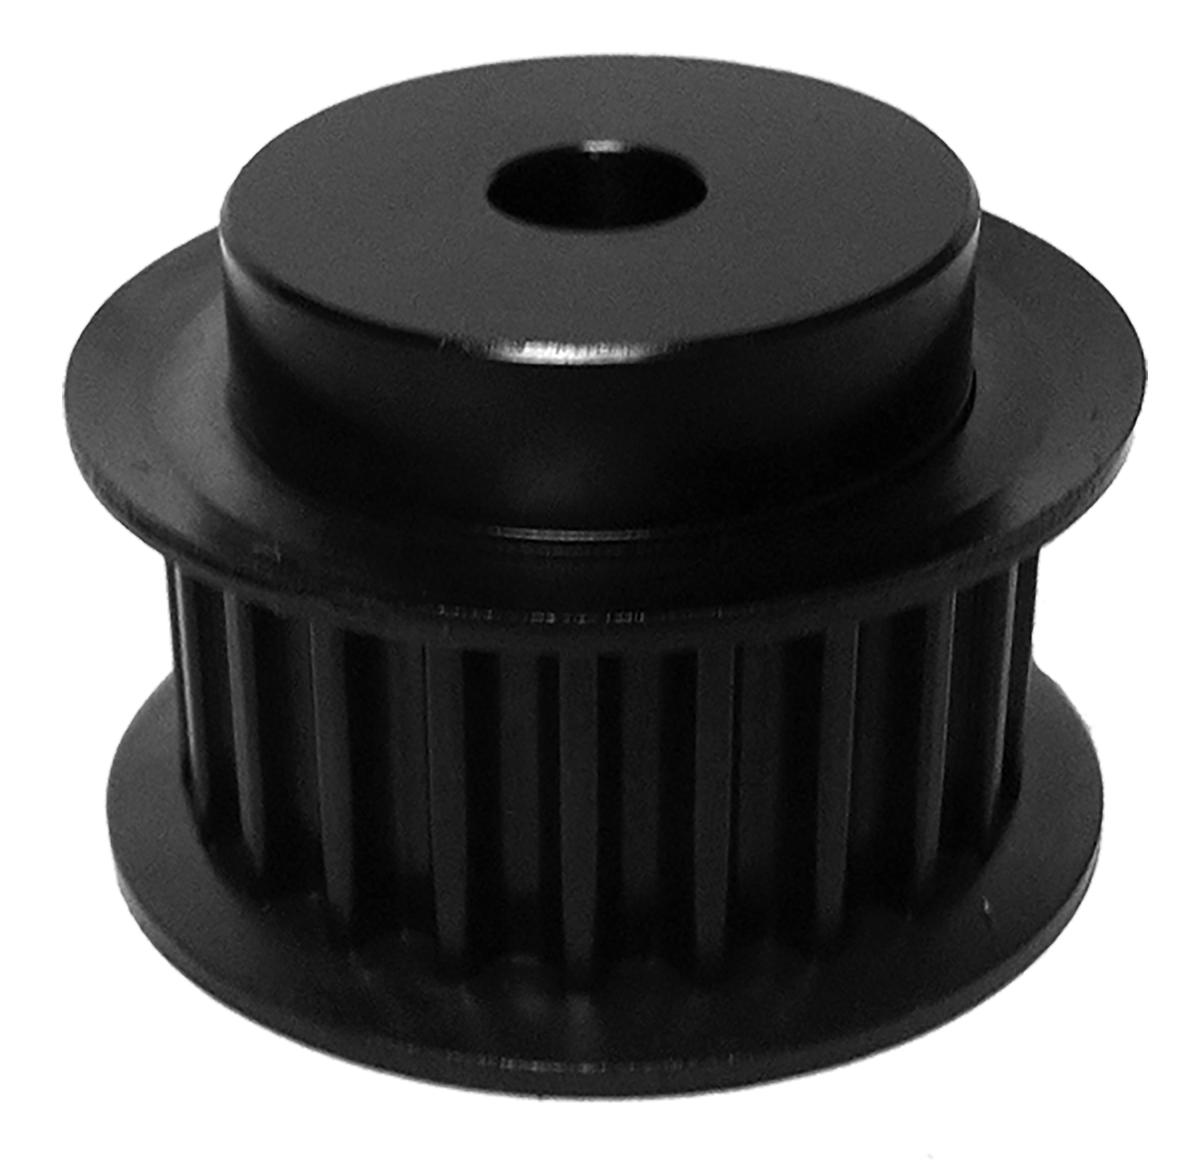 28-8MX21-6FS6 - Steel Powerhouse® MX Pulleys